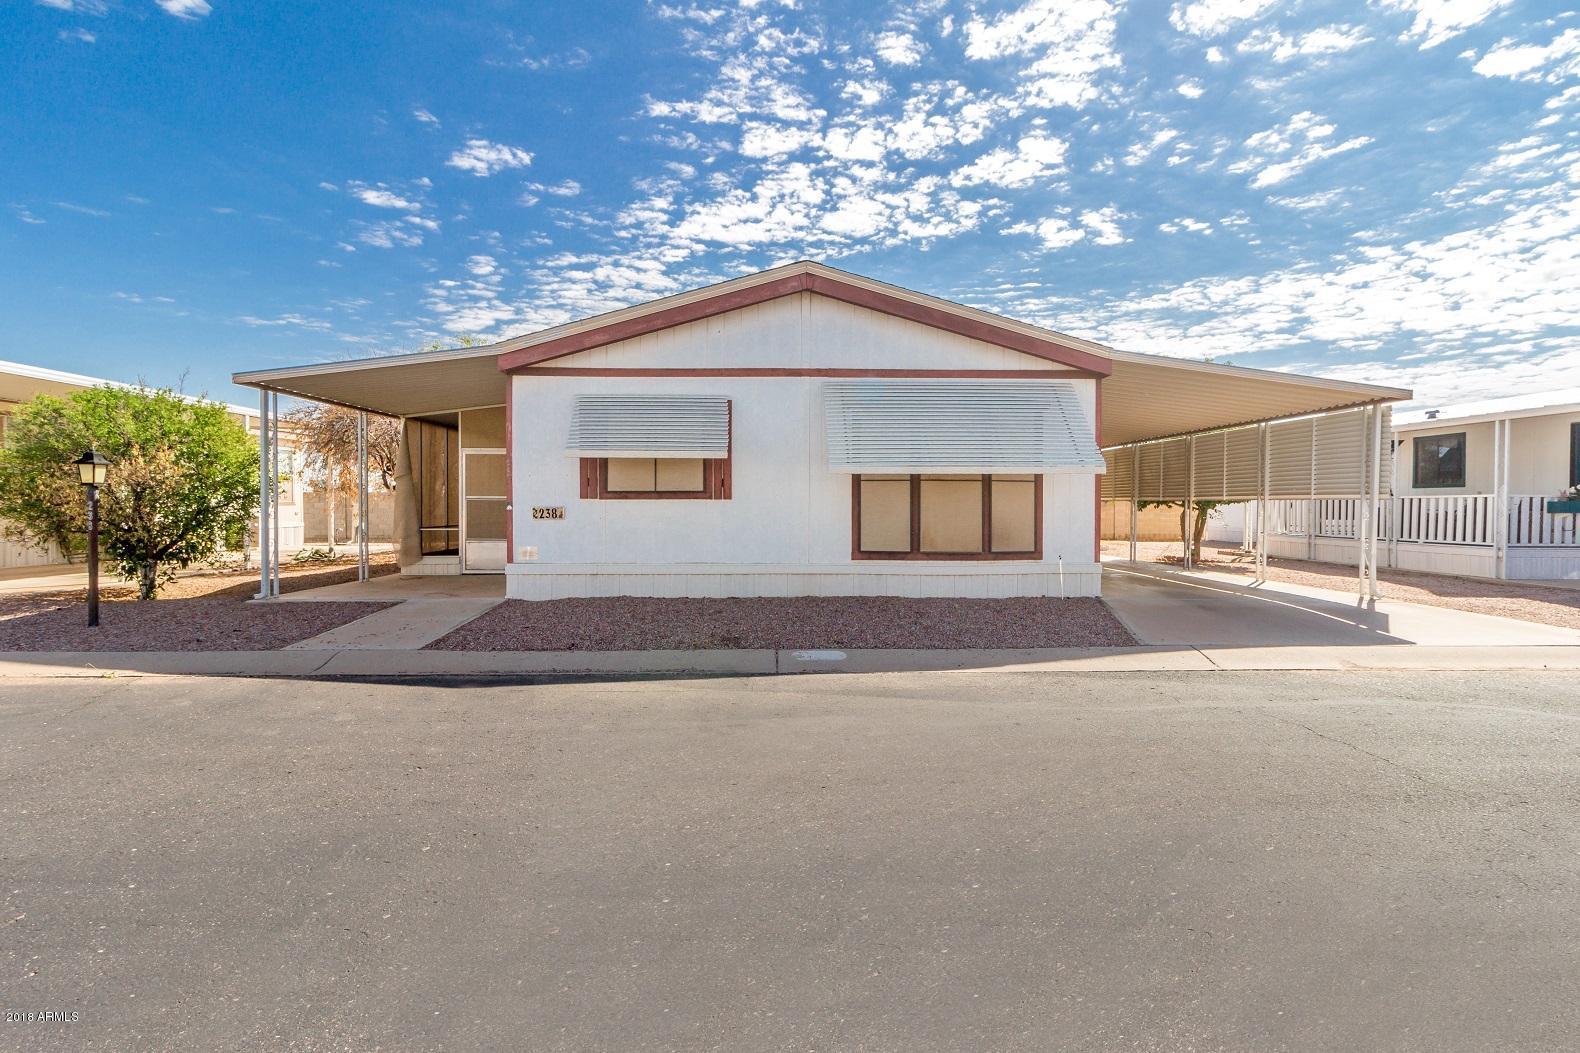 MLS 5824329 450 W Sunwest Drive Unit 238, Casa Grande, AZ 85122 Casa Grande AZ Affordable